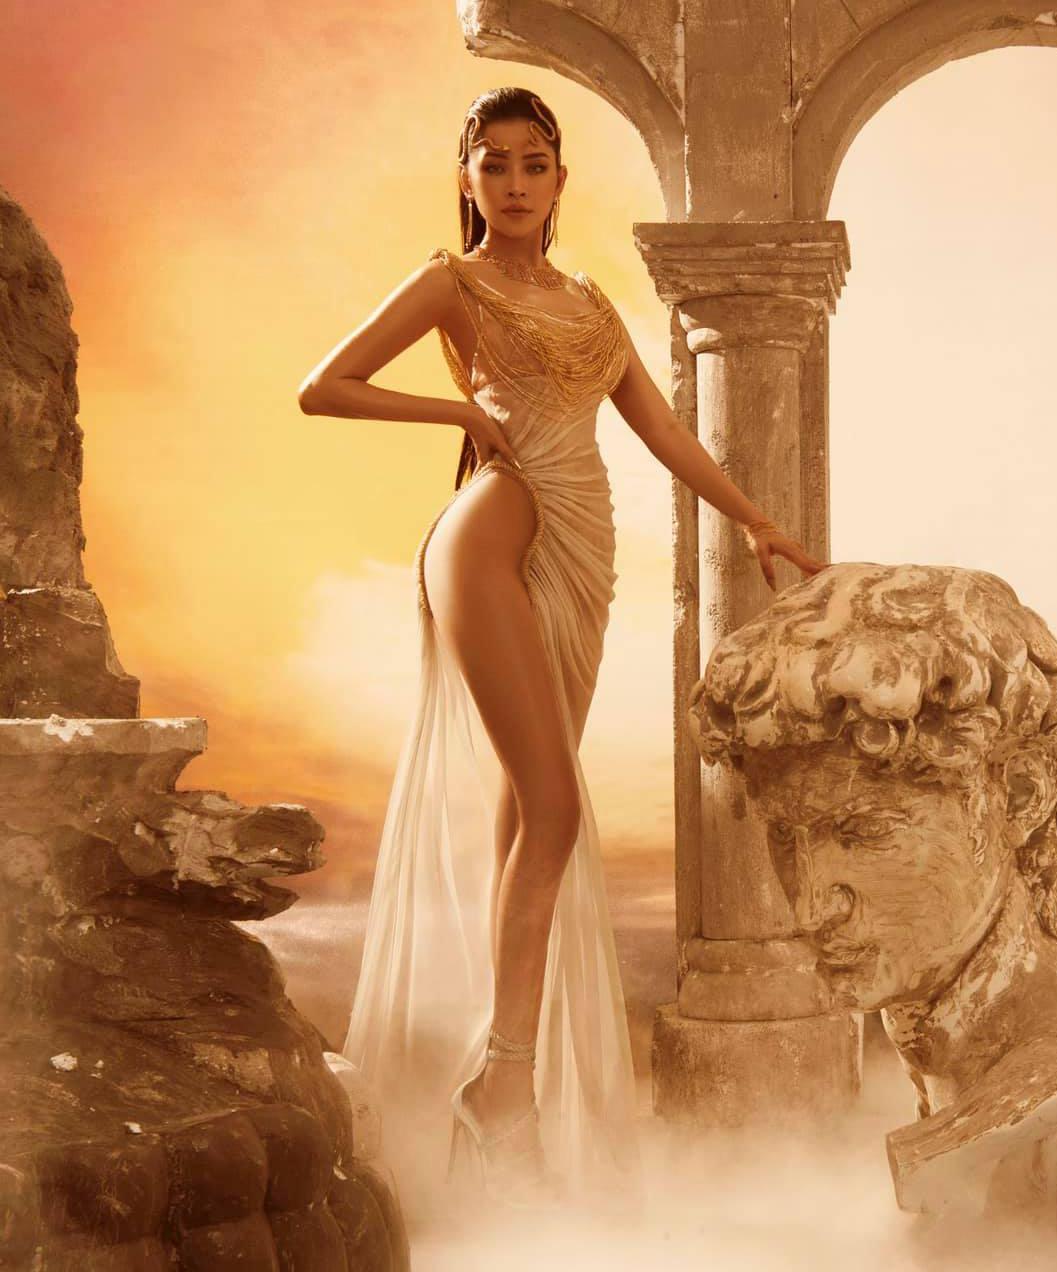 Trong bộ ảnh mới hợp tác cùng NTK Đỗ Long, Chi Pu quyến rũ với hình tượng nữ thần. Diện bộ đầm với kiểu dáng ôm sát vòng hai, xẻ cao đến tận hông, nữ ca sĩ khoe đôi chân dài thon thả, vóc dáng quyến rũ như tượng tạc.